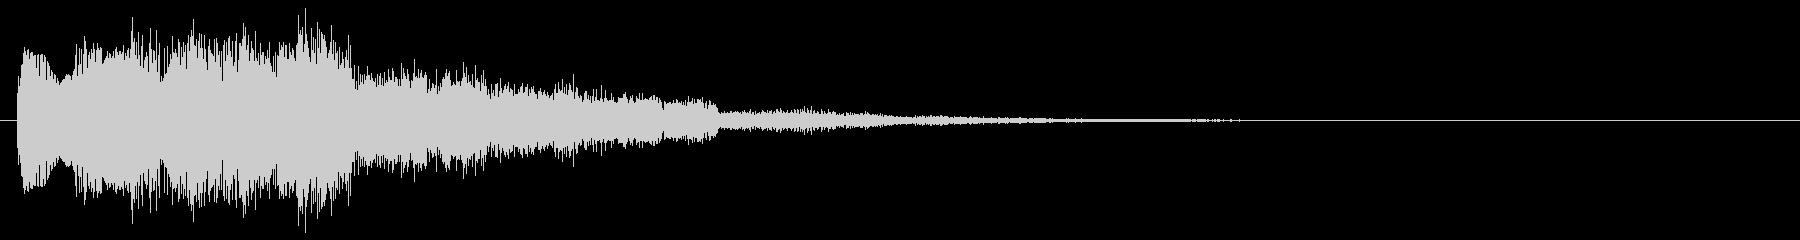 パワーアップ 回復 解毒 アイテム使用音の未再生の波形